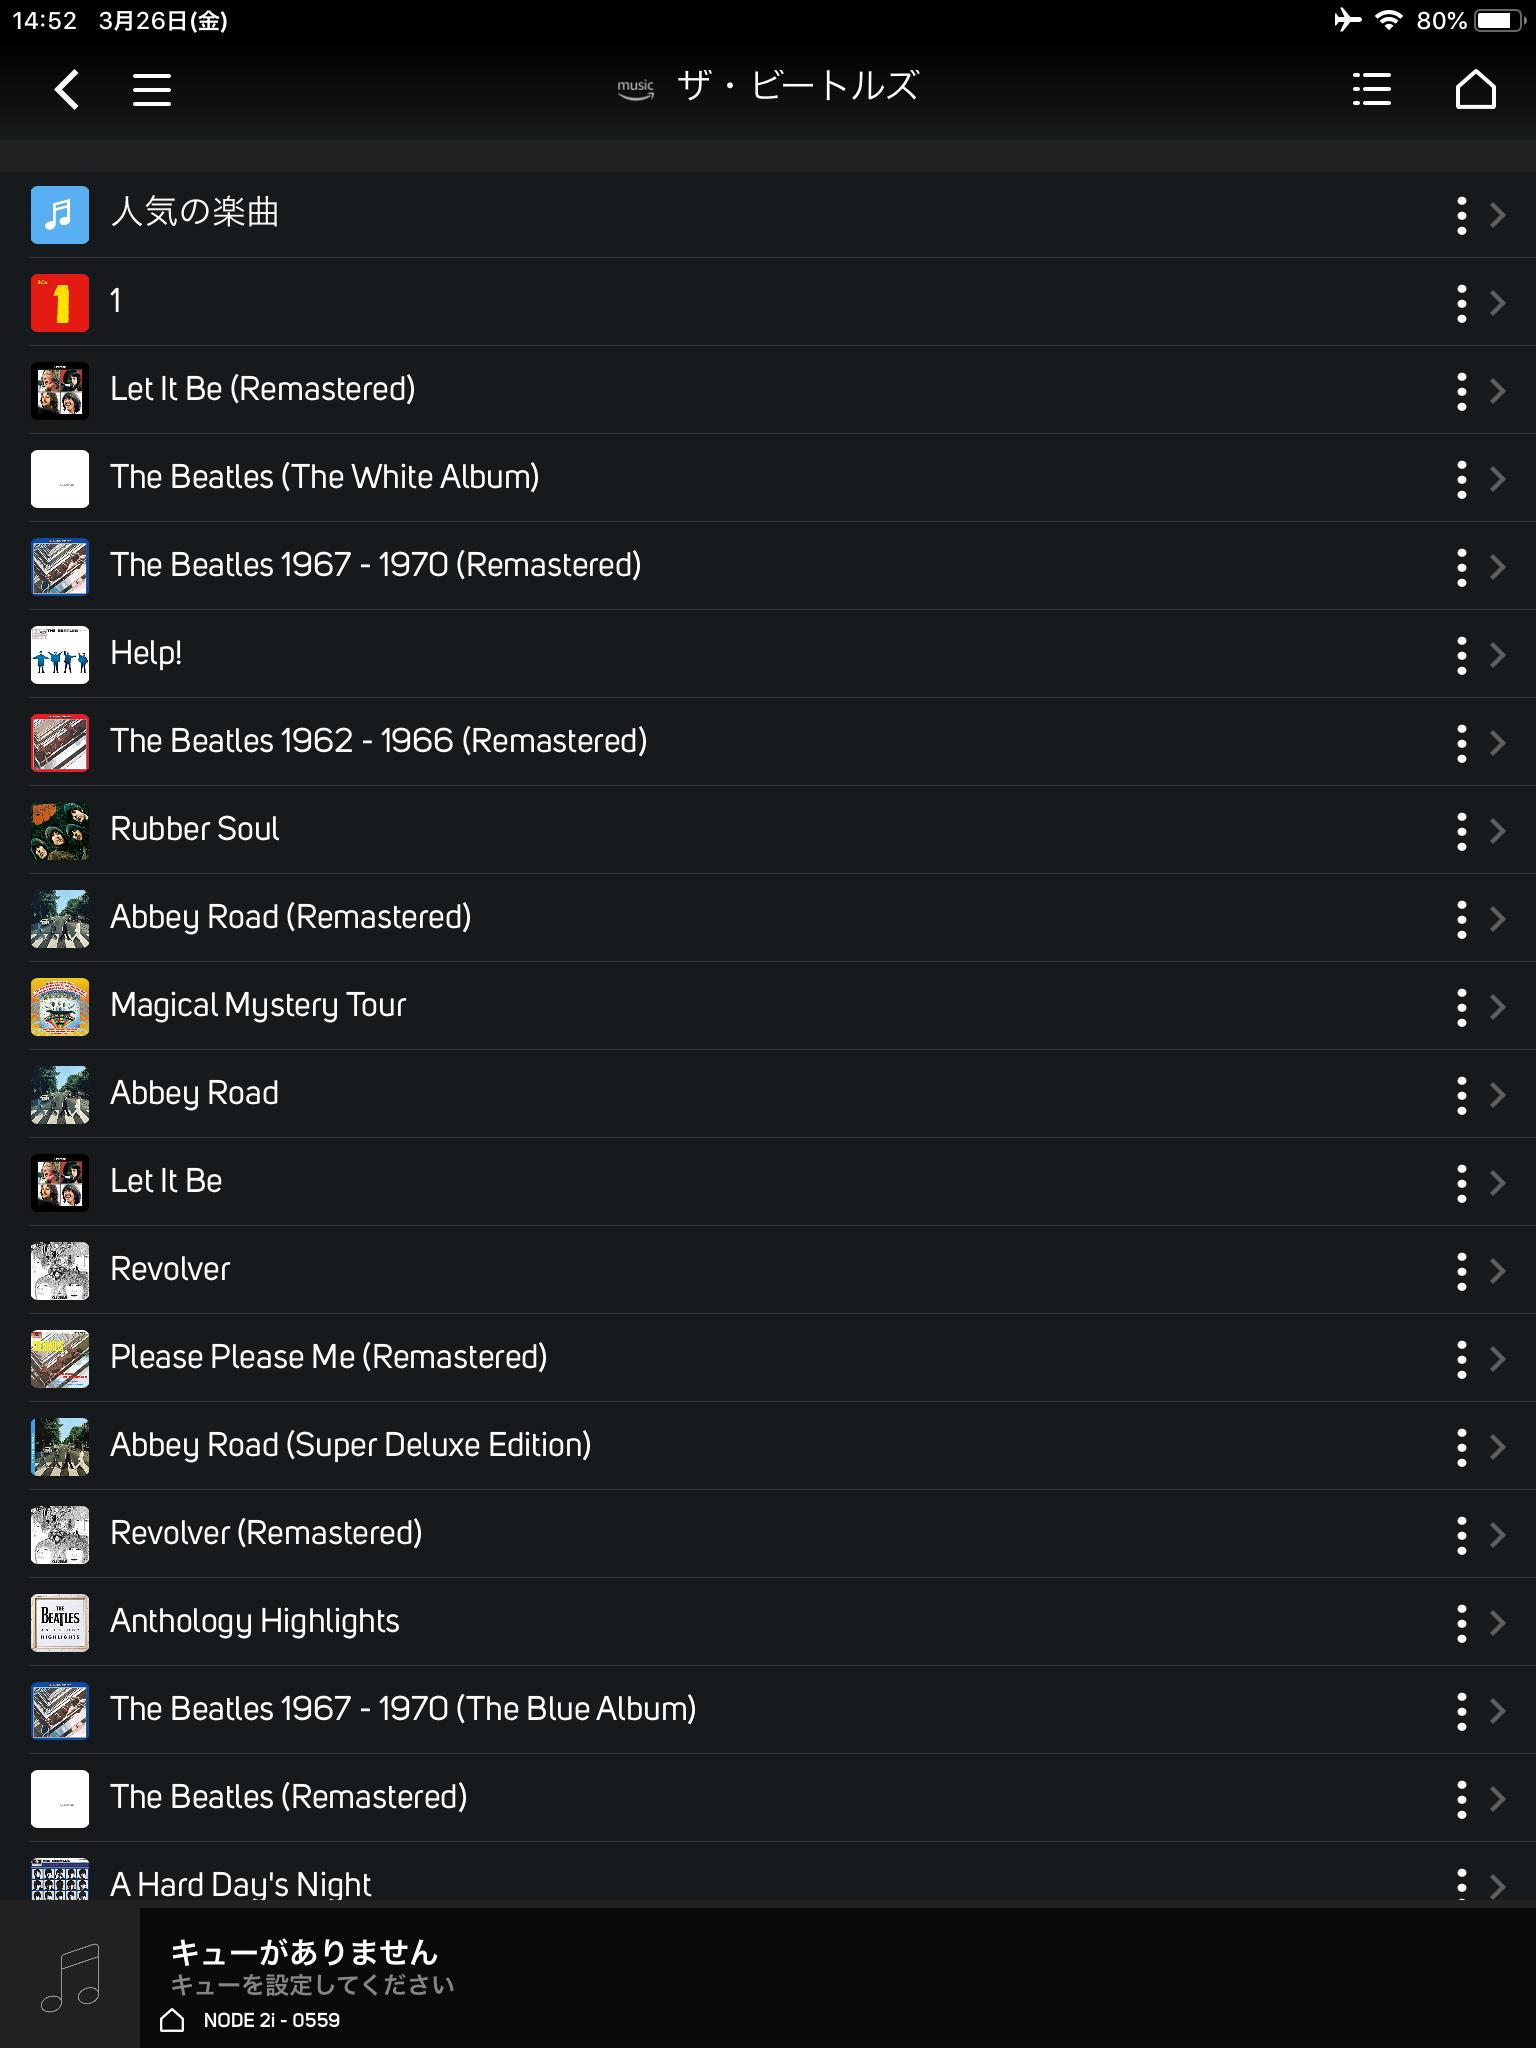 Bluesound (ブルーサウンド)の NODE2i で Amazon Music HD を快適に聴けます。_b0292692_15480068.png